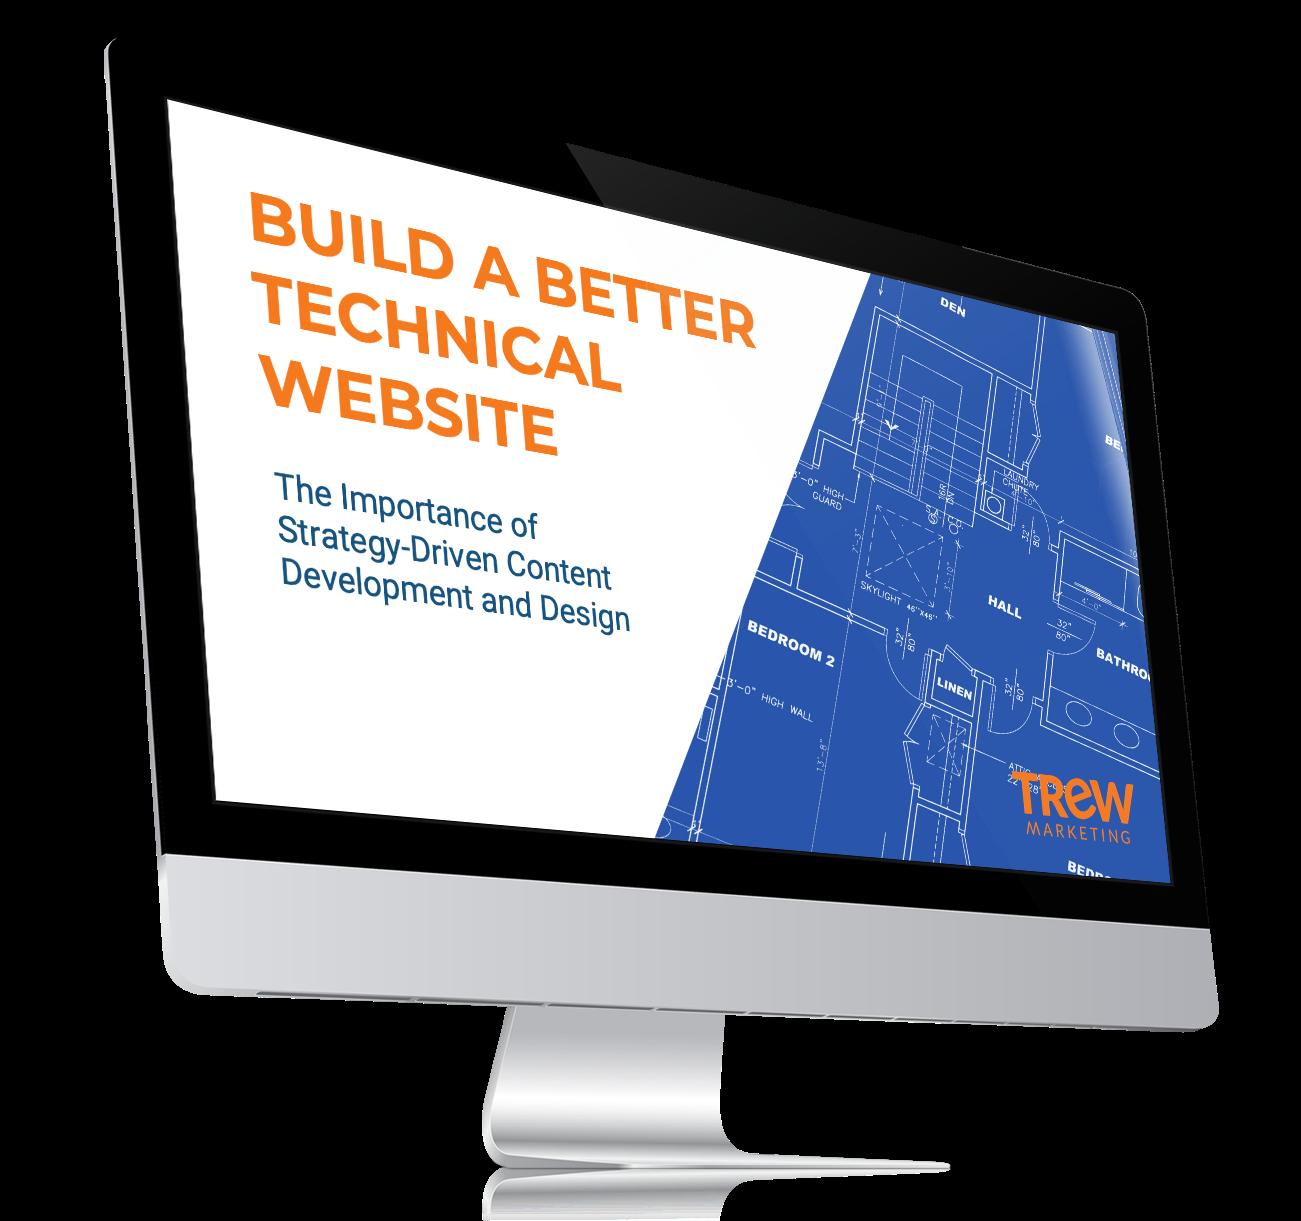 Build a Better Website - imac-1